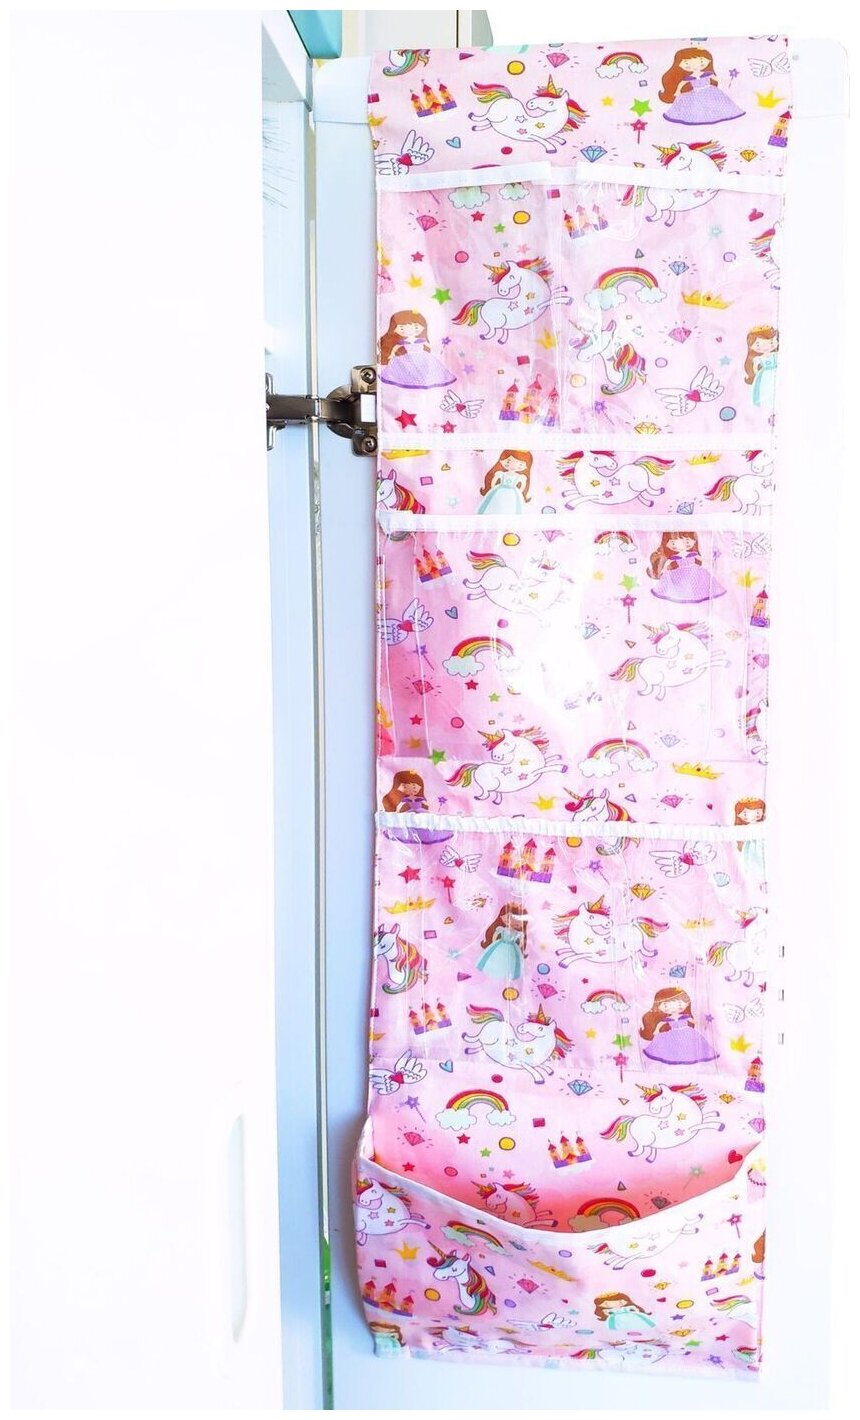 Органайзер Lili Dreams в шкафчик для детского сада подвесной МАКСИ — купить по выгодной цене на Яндекс.Маркете